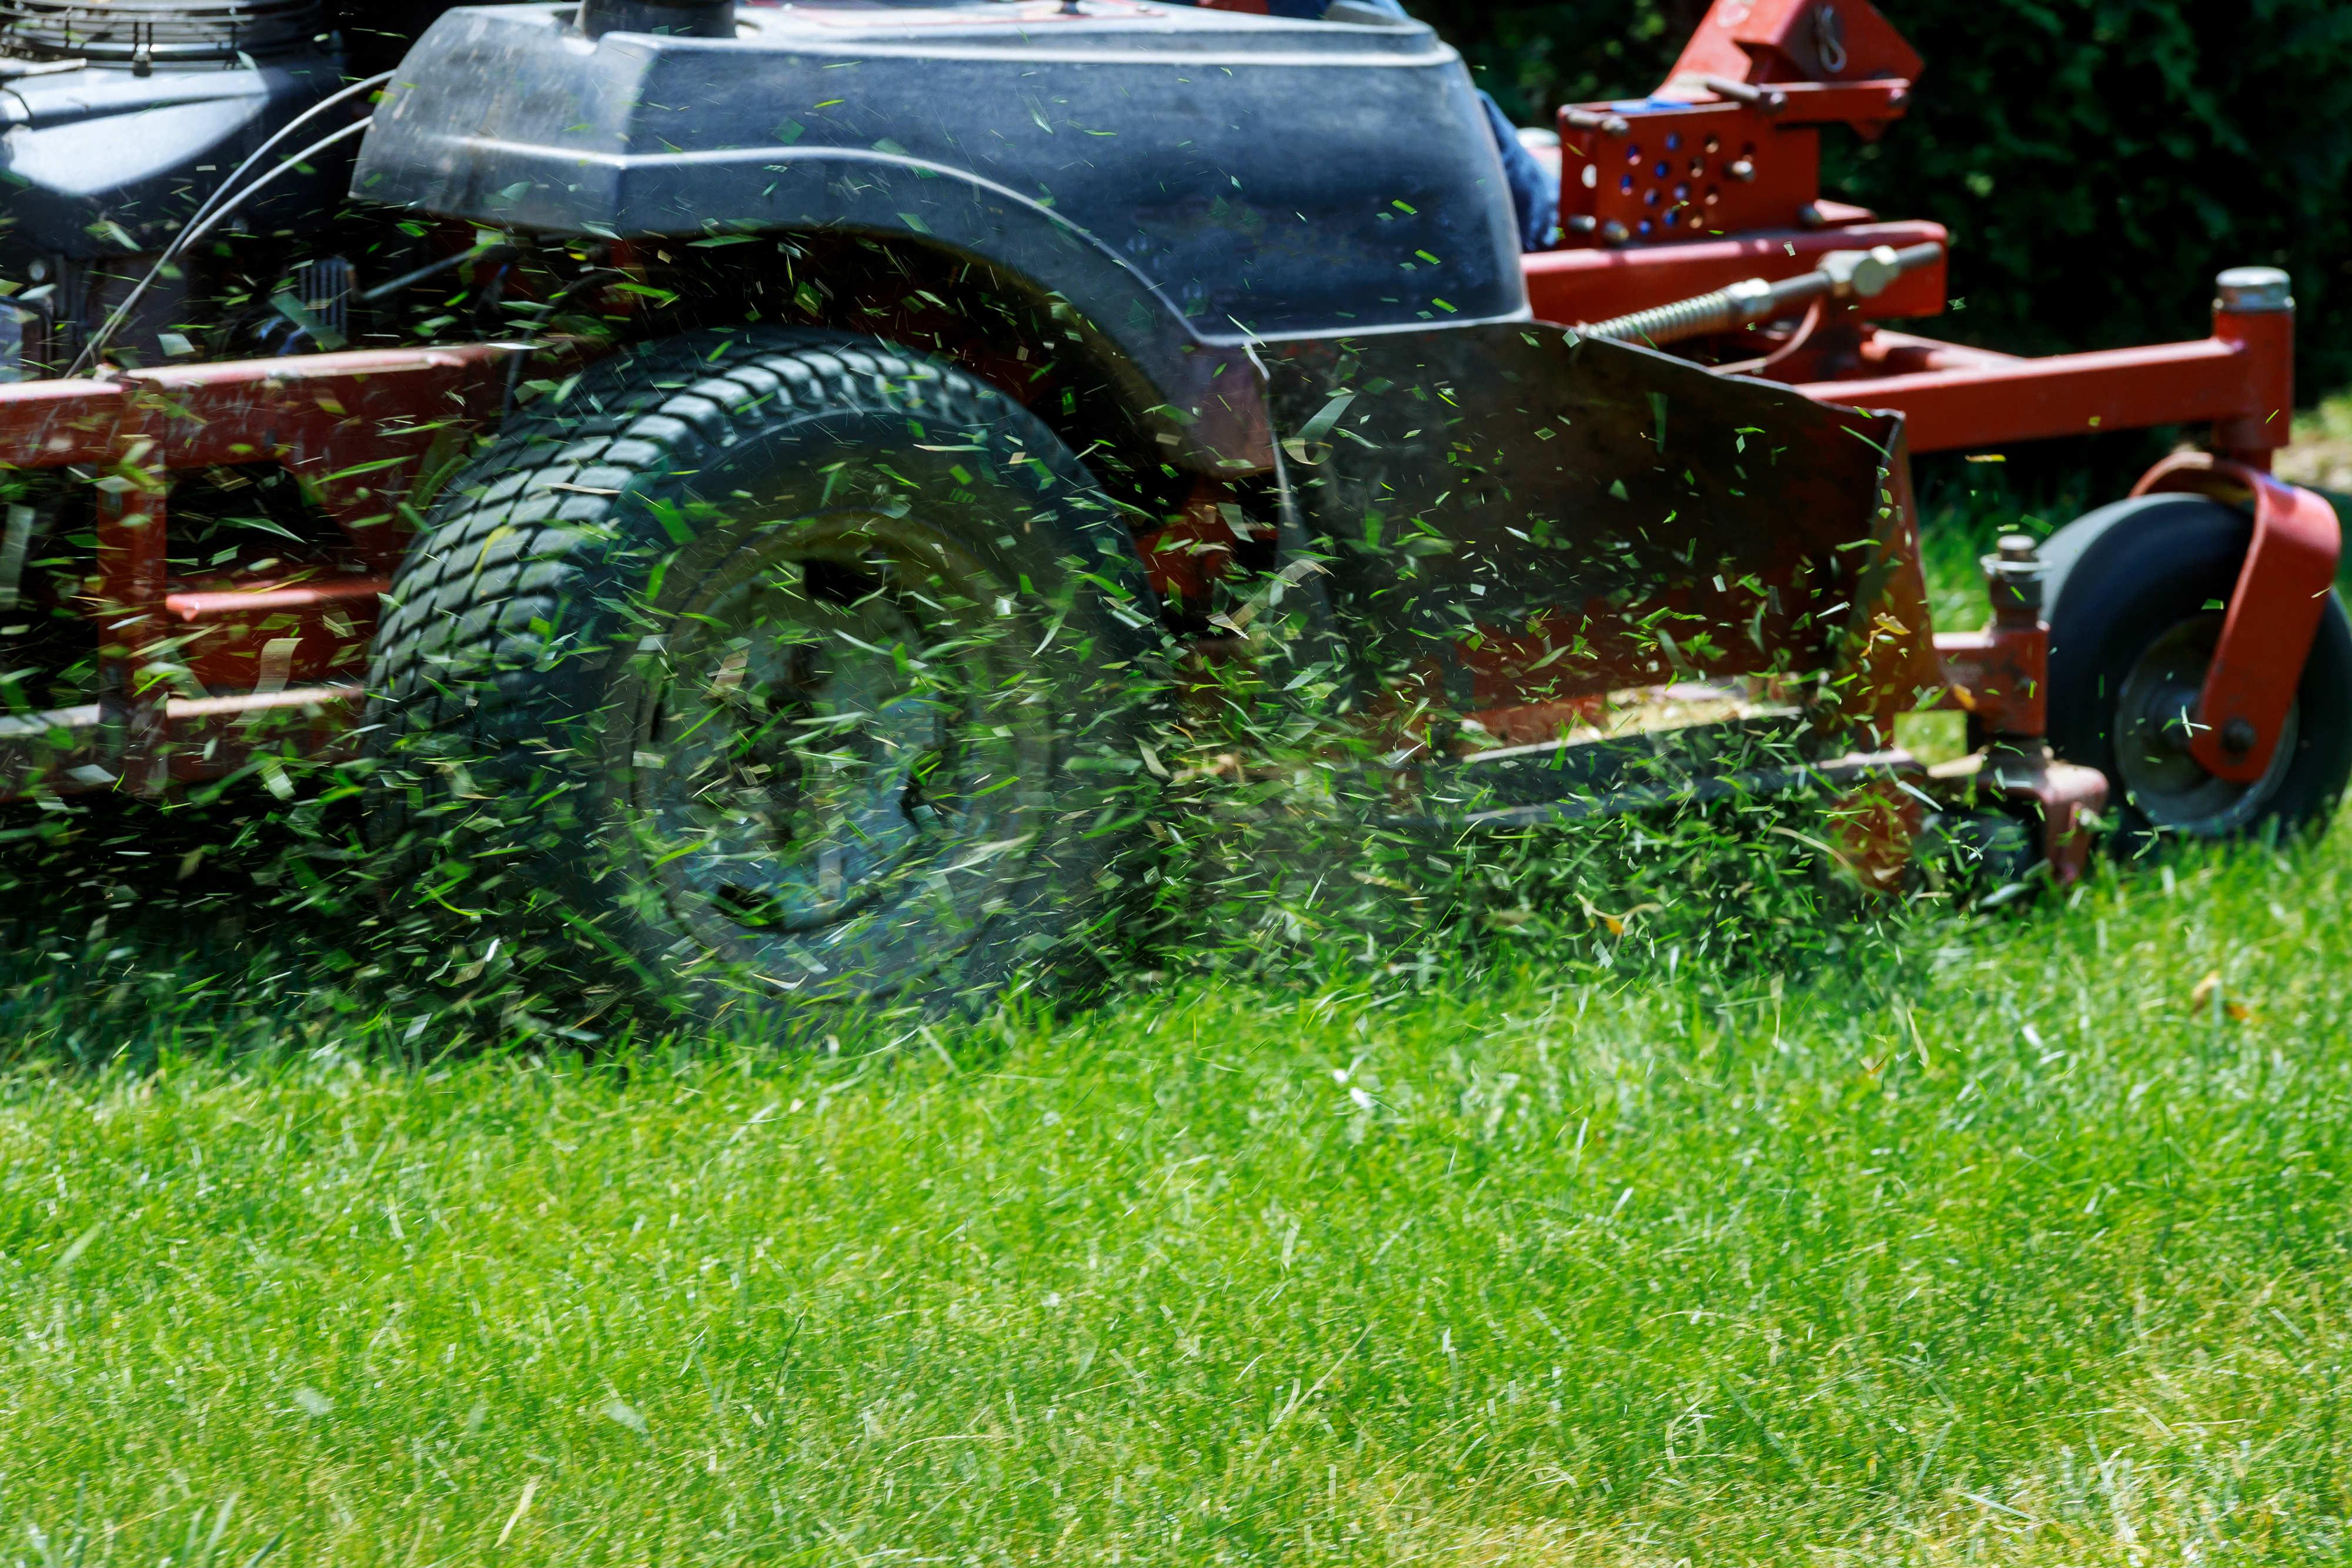 lawn Mower cutting lawn